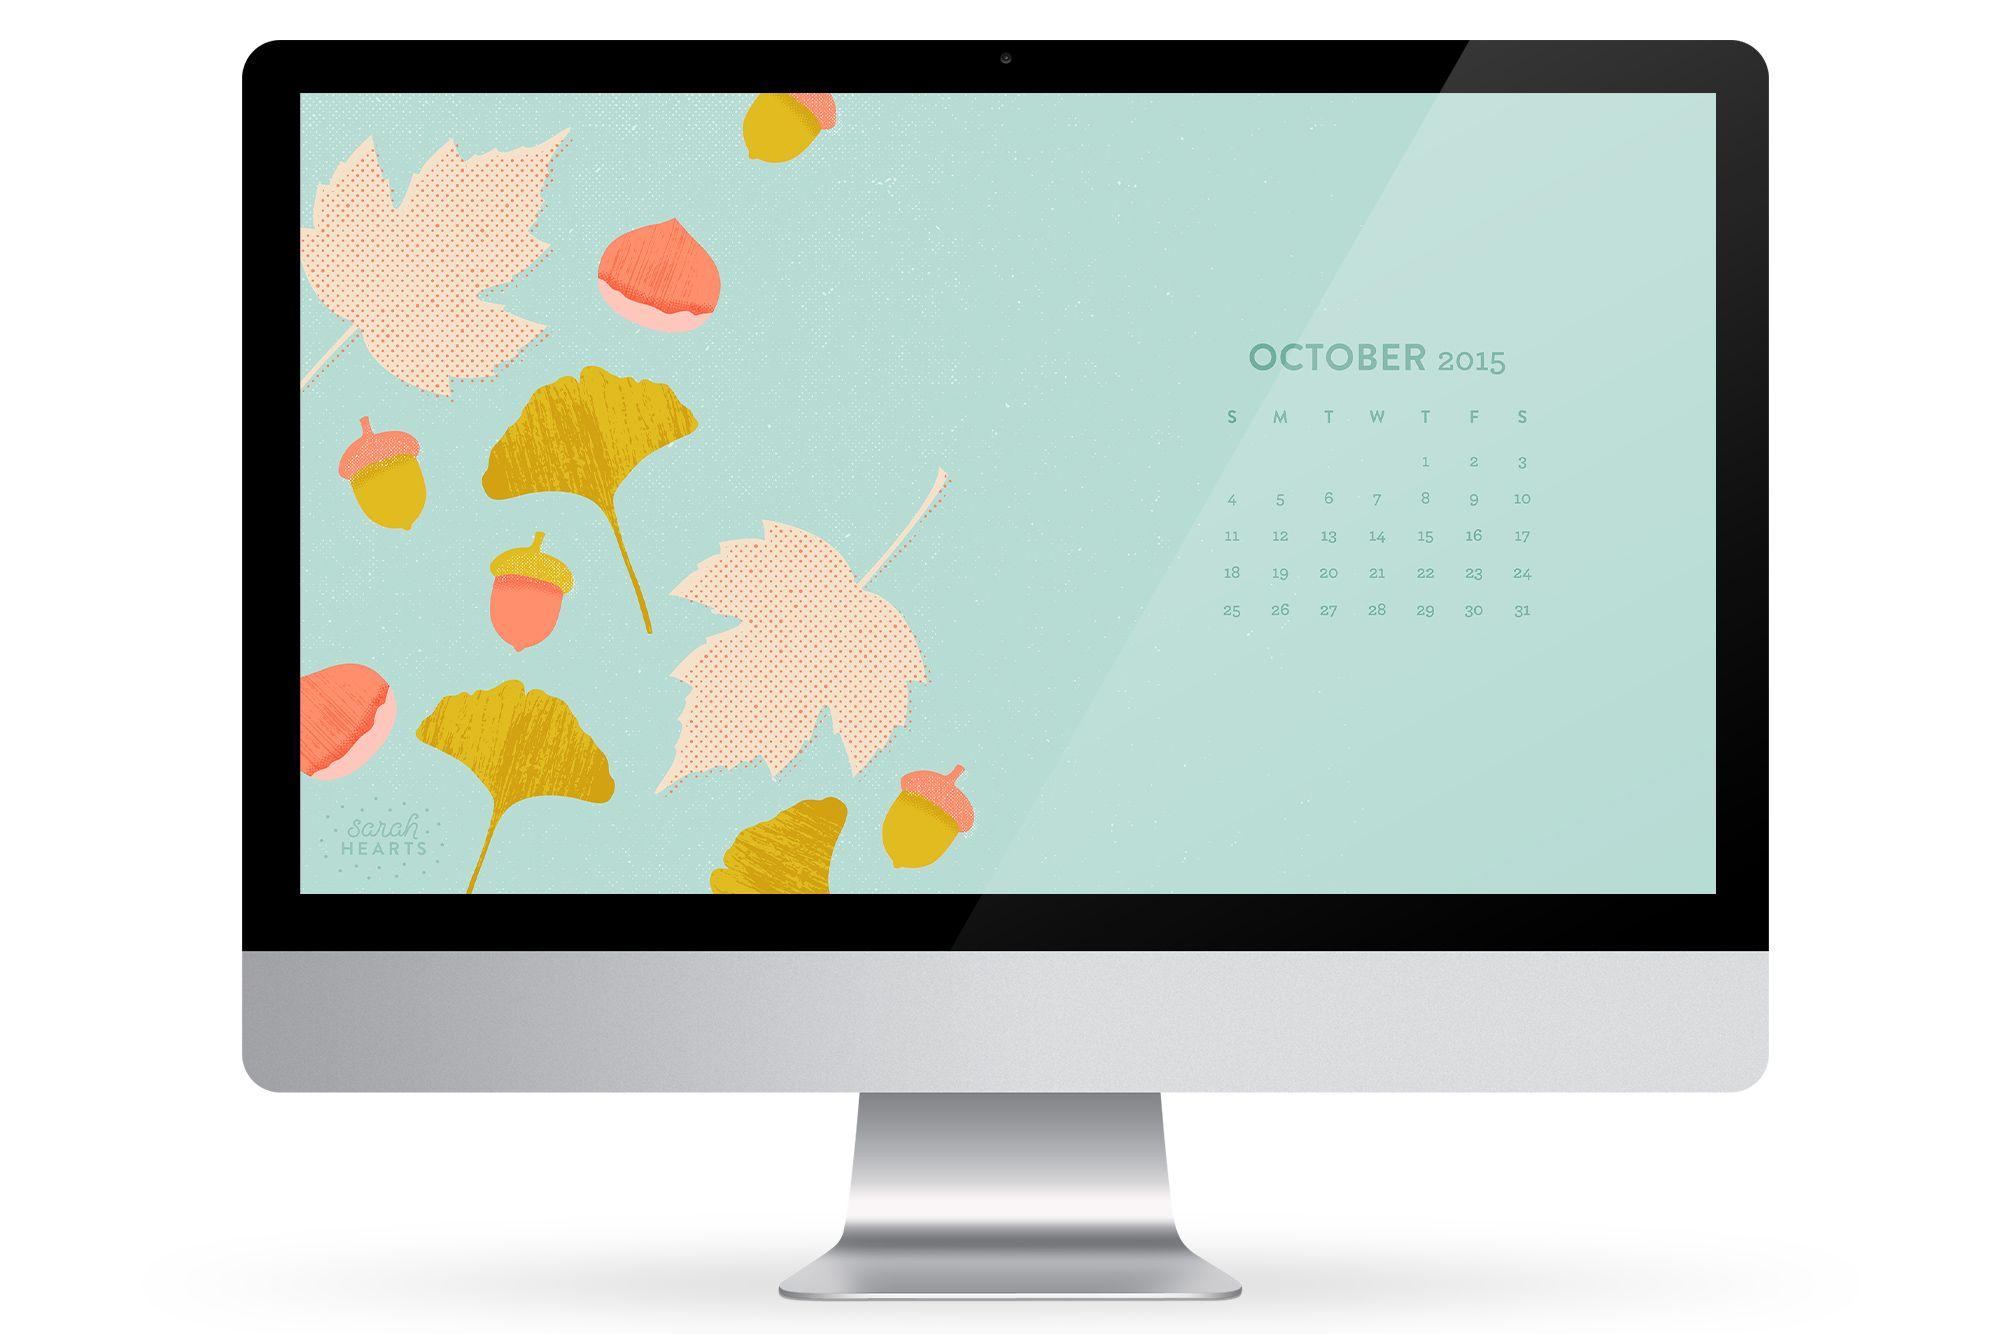 October 2015 Calendar Wallpaper Wallpapers Calendar wallpaper 2000x1334